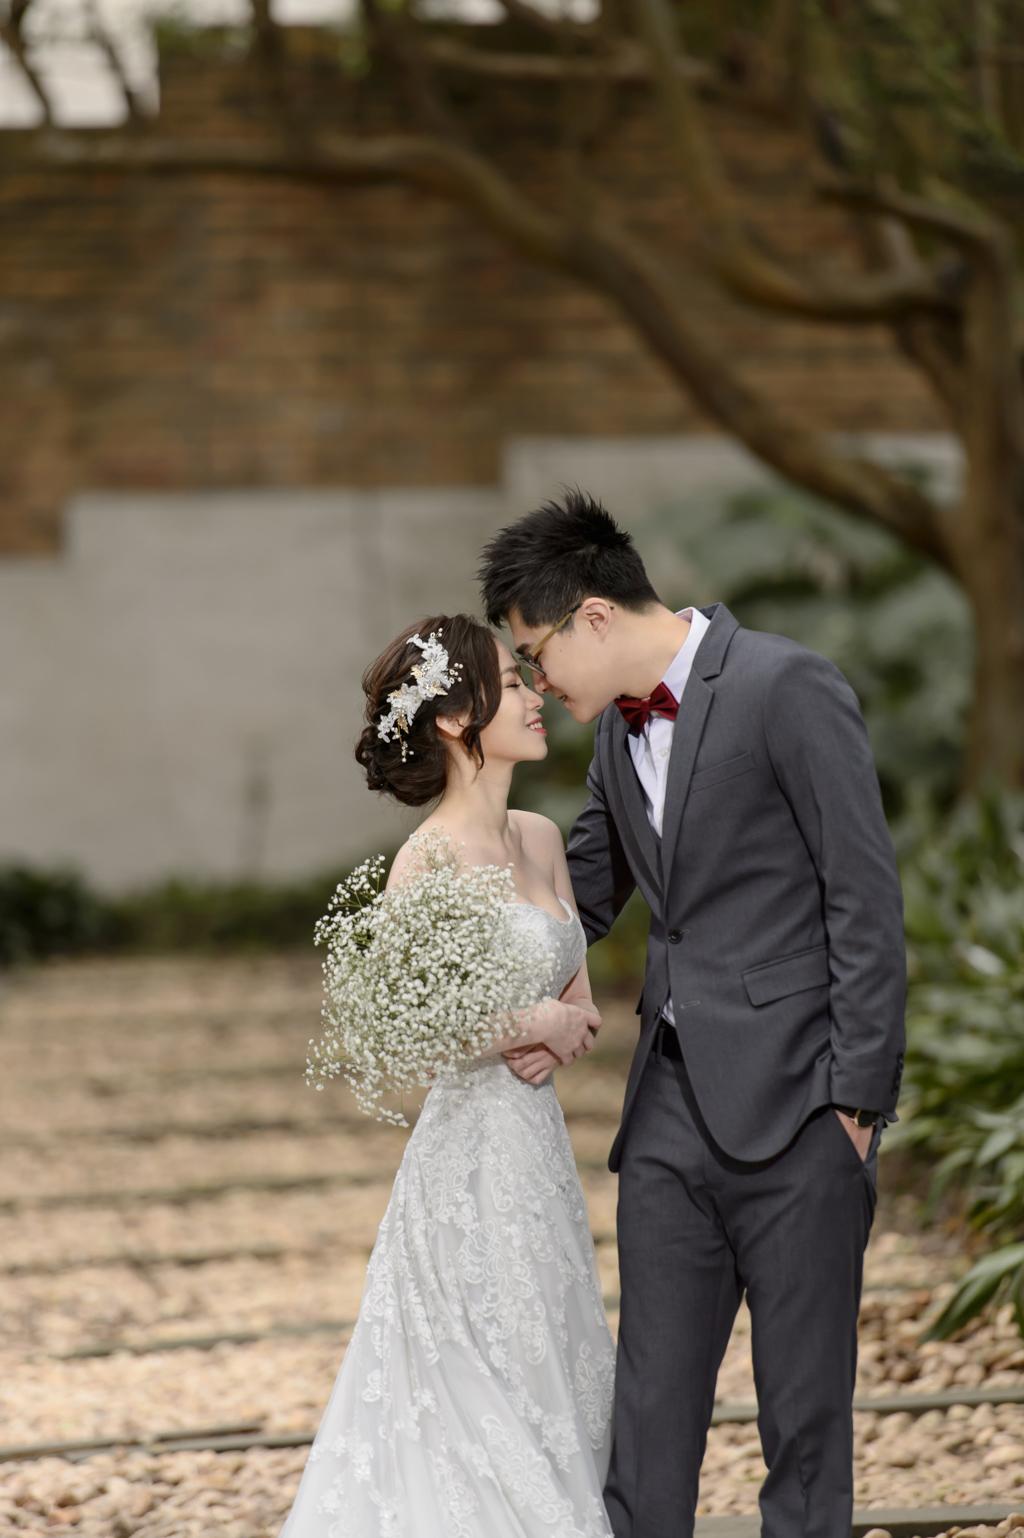 婚攝小勇, 小寶團隊, 藝紋, 自助婚紗, 婚禮紀錄, Cheri,台北婚紗,wedding day-001